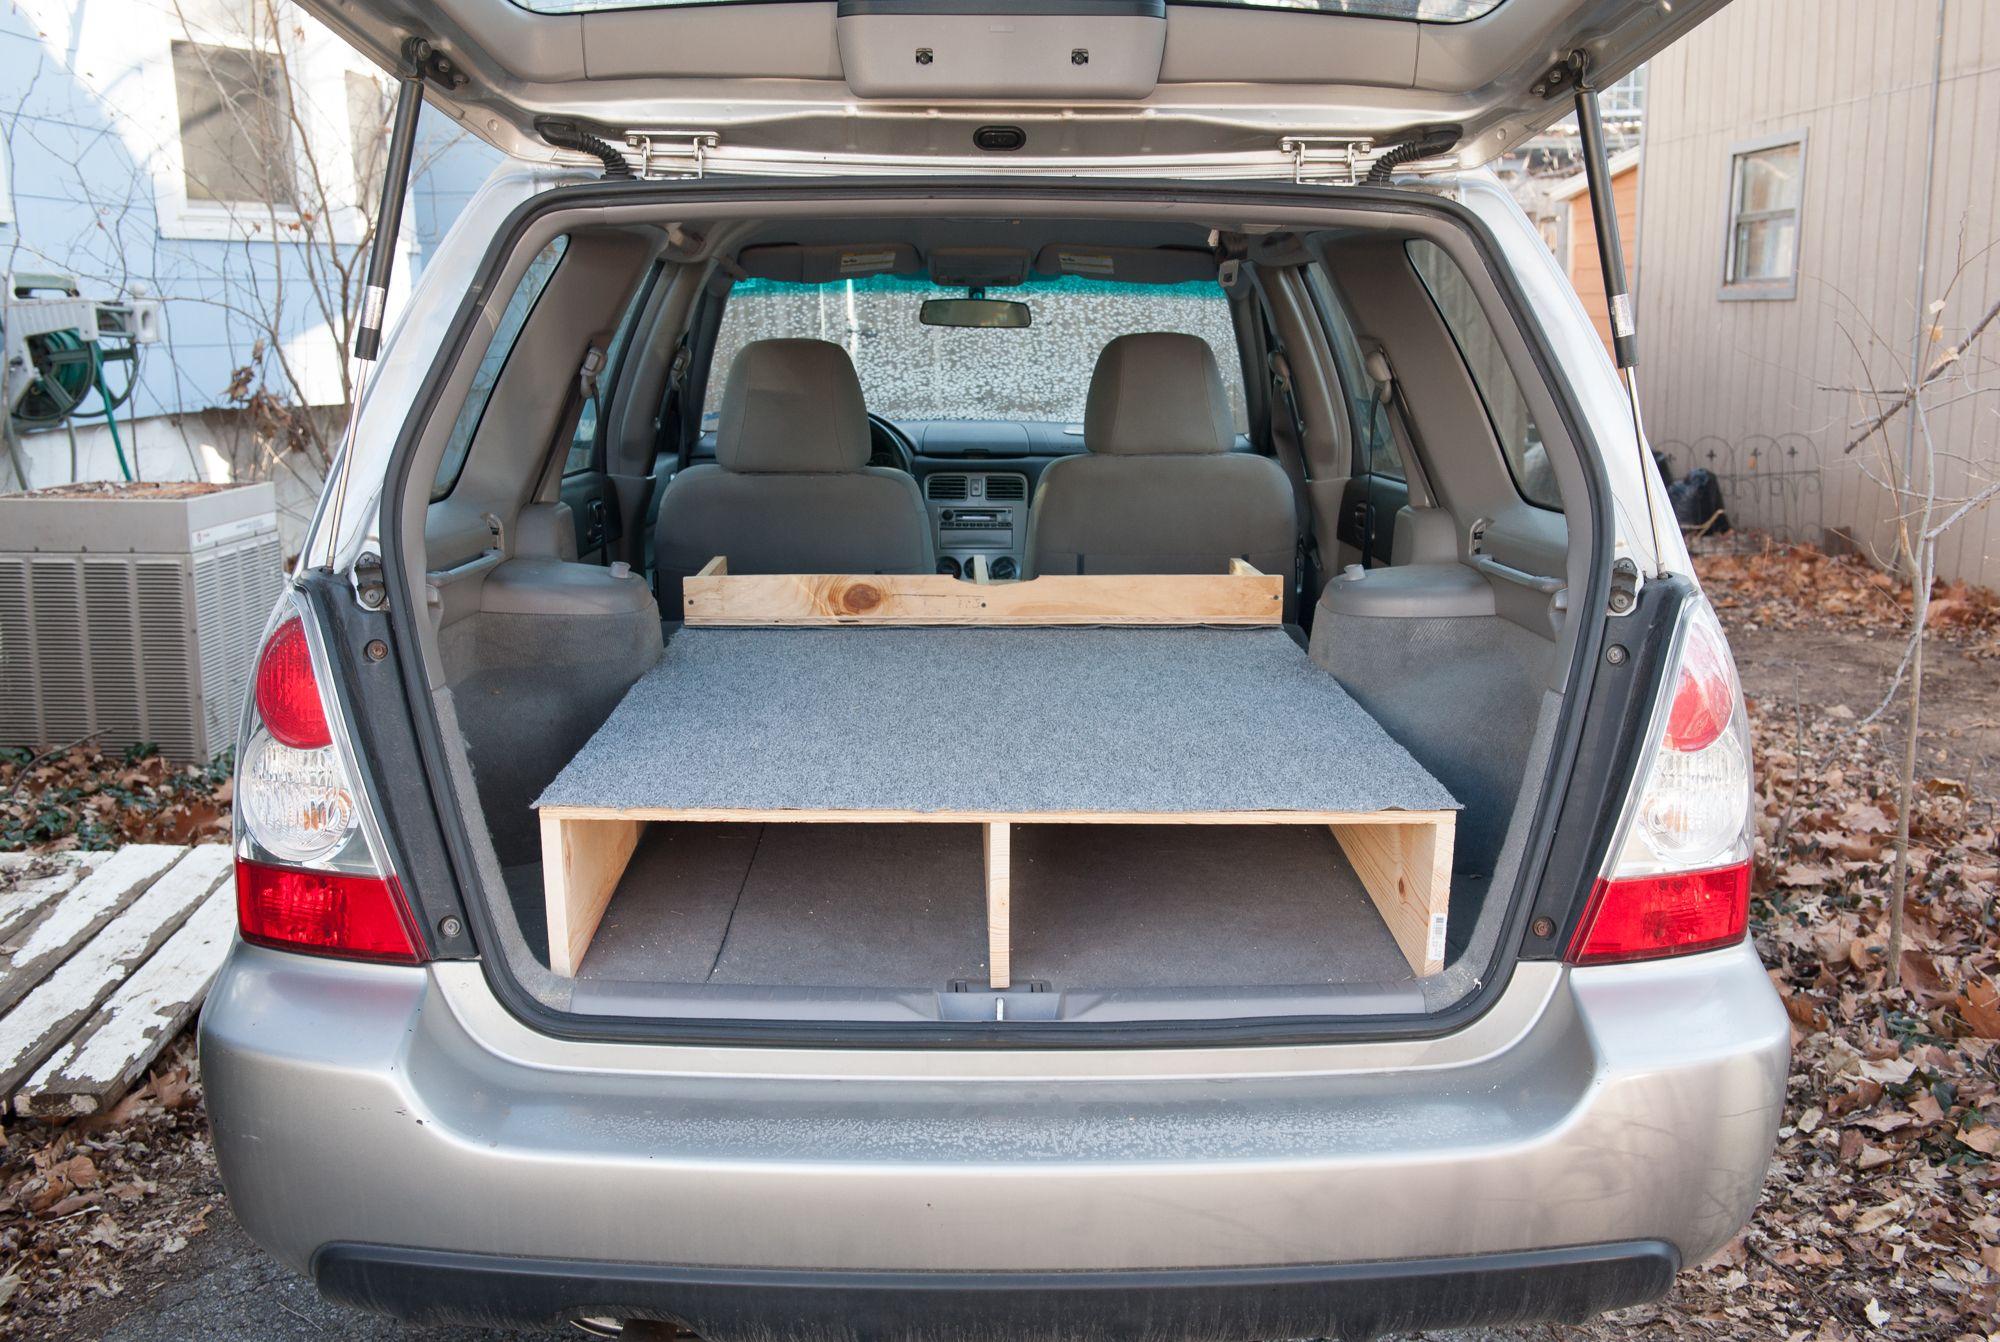 Subaru Car Camping